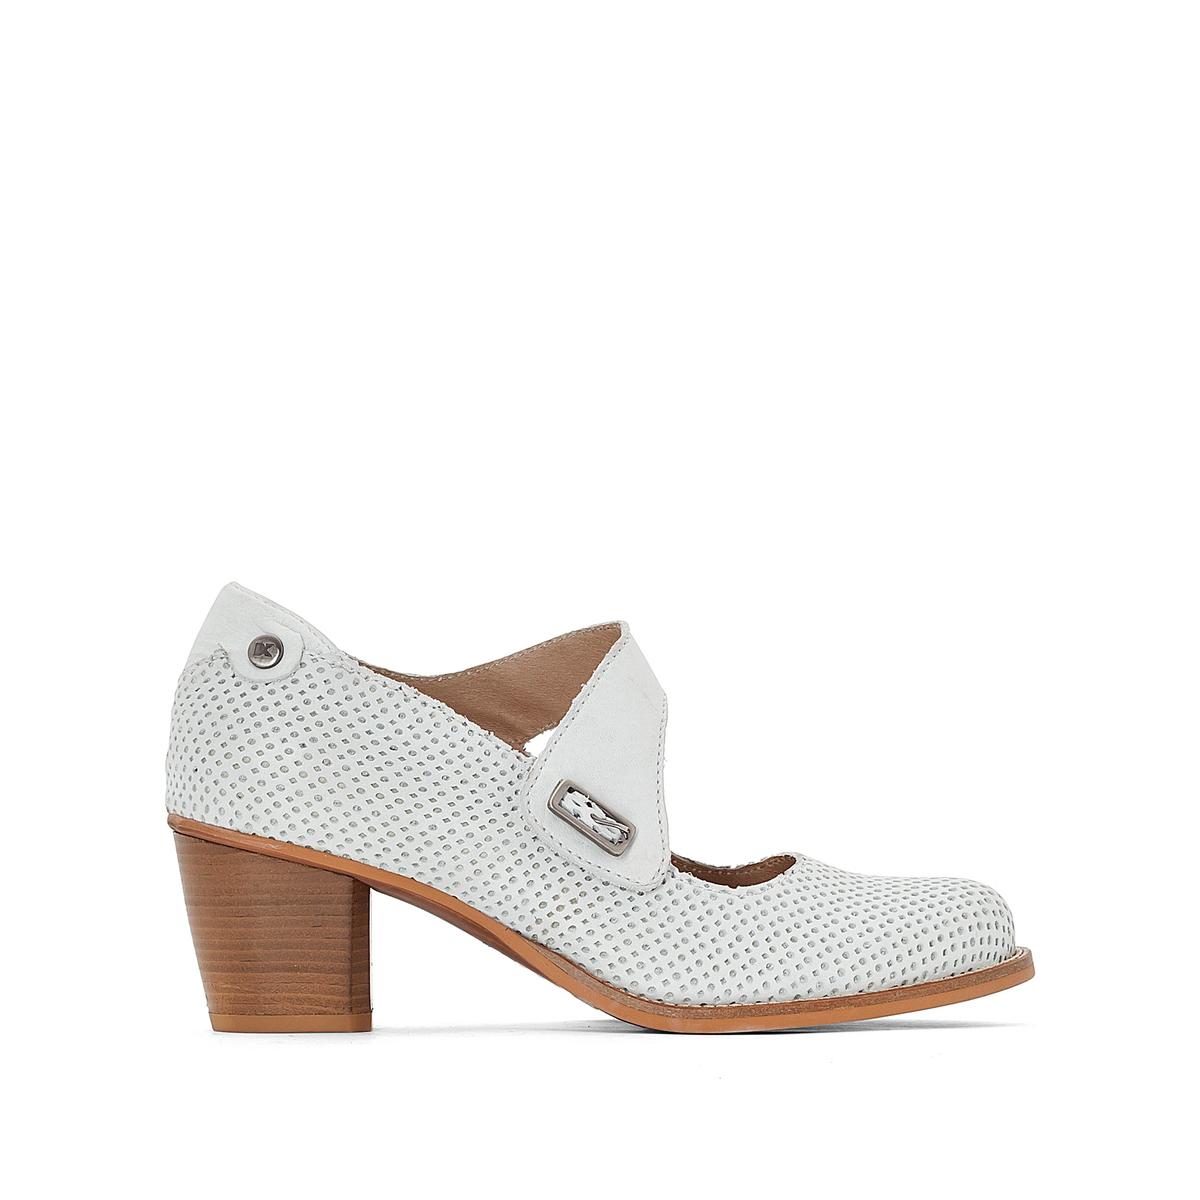 Туфли кожаные с пряжкой BeckyВерх : кожа   Подкладка : кожа   Стелька : кожа   Подошва : резина   Высота каблука : 5 см   Форма каблука : квадратный каблук   Мысок : закругленный мысок  Застежка : пряжка<br><br>Цвет: белый,черный<br>Размер: 37.37.38